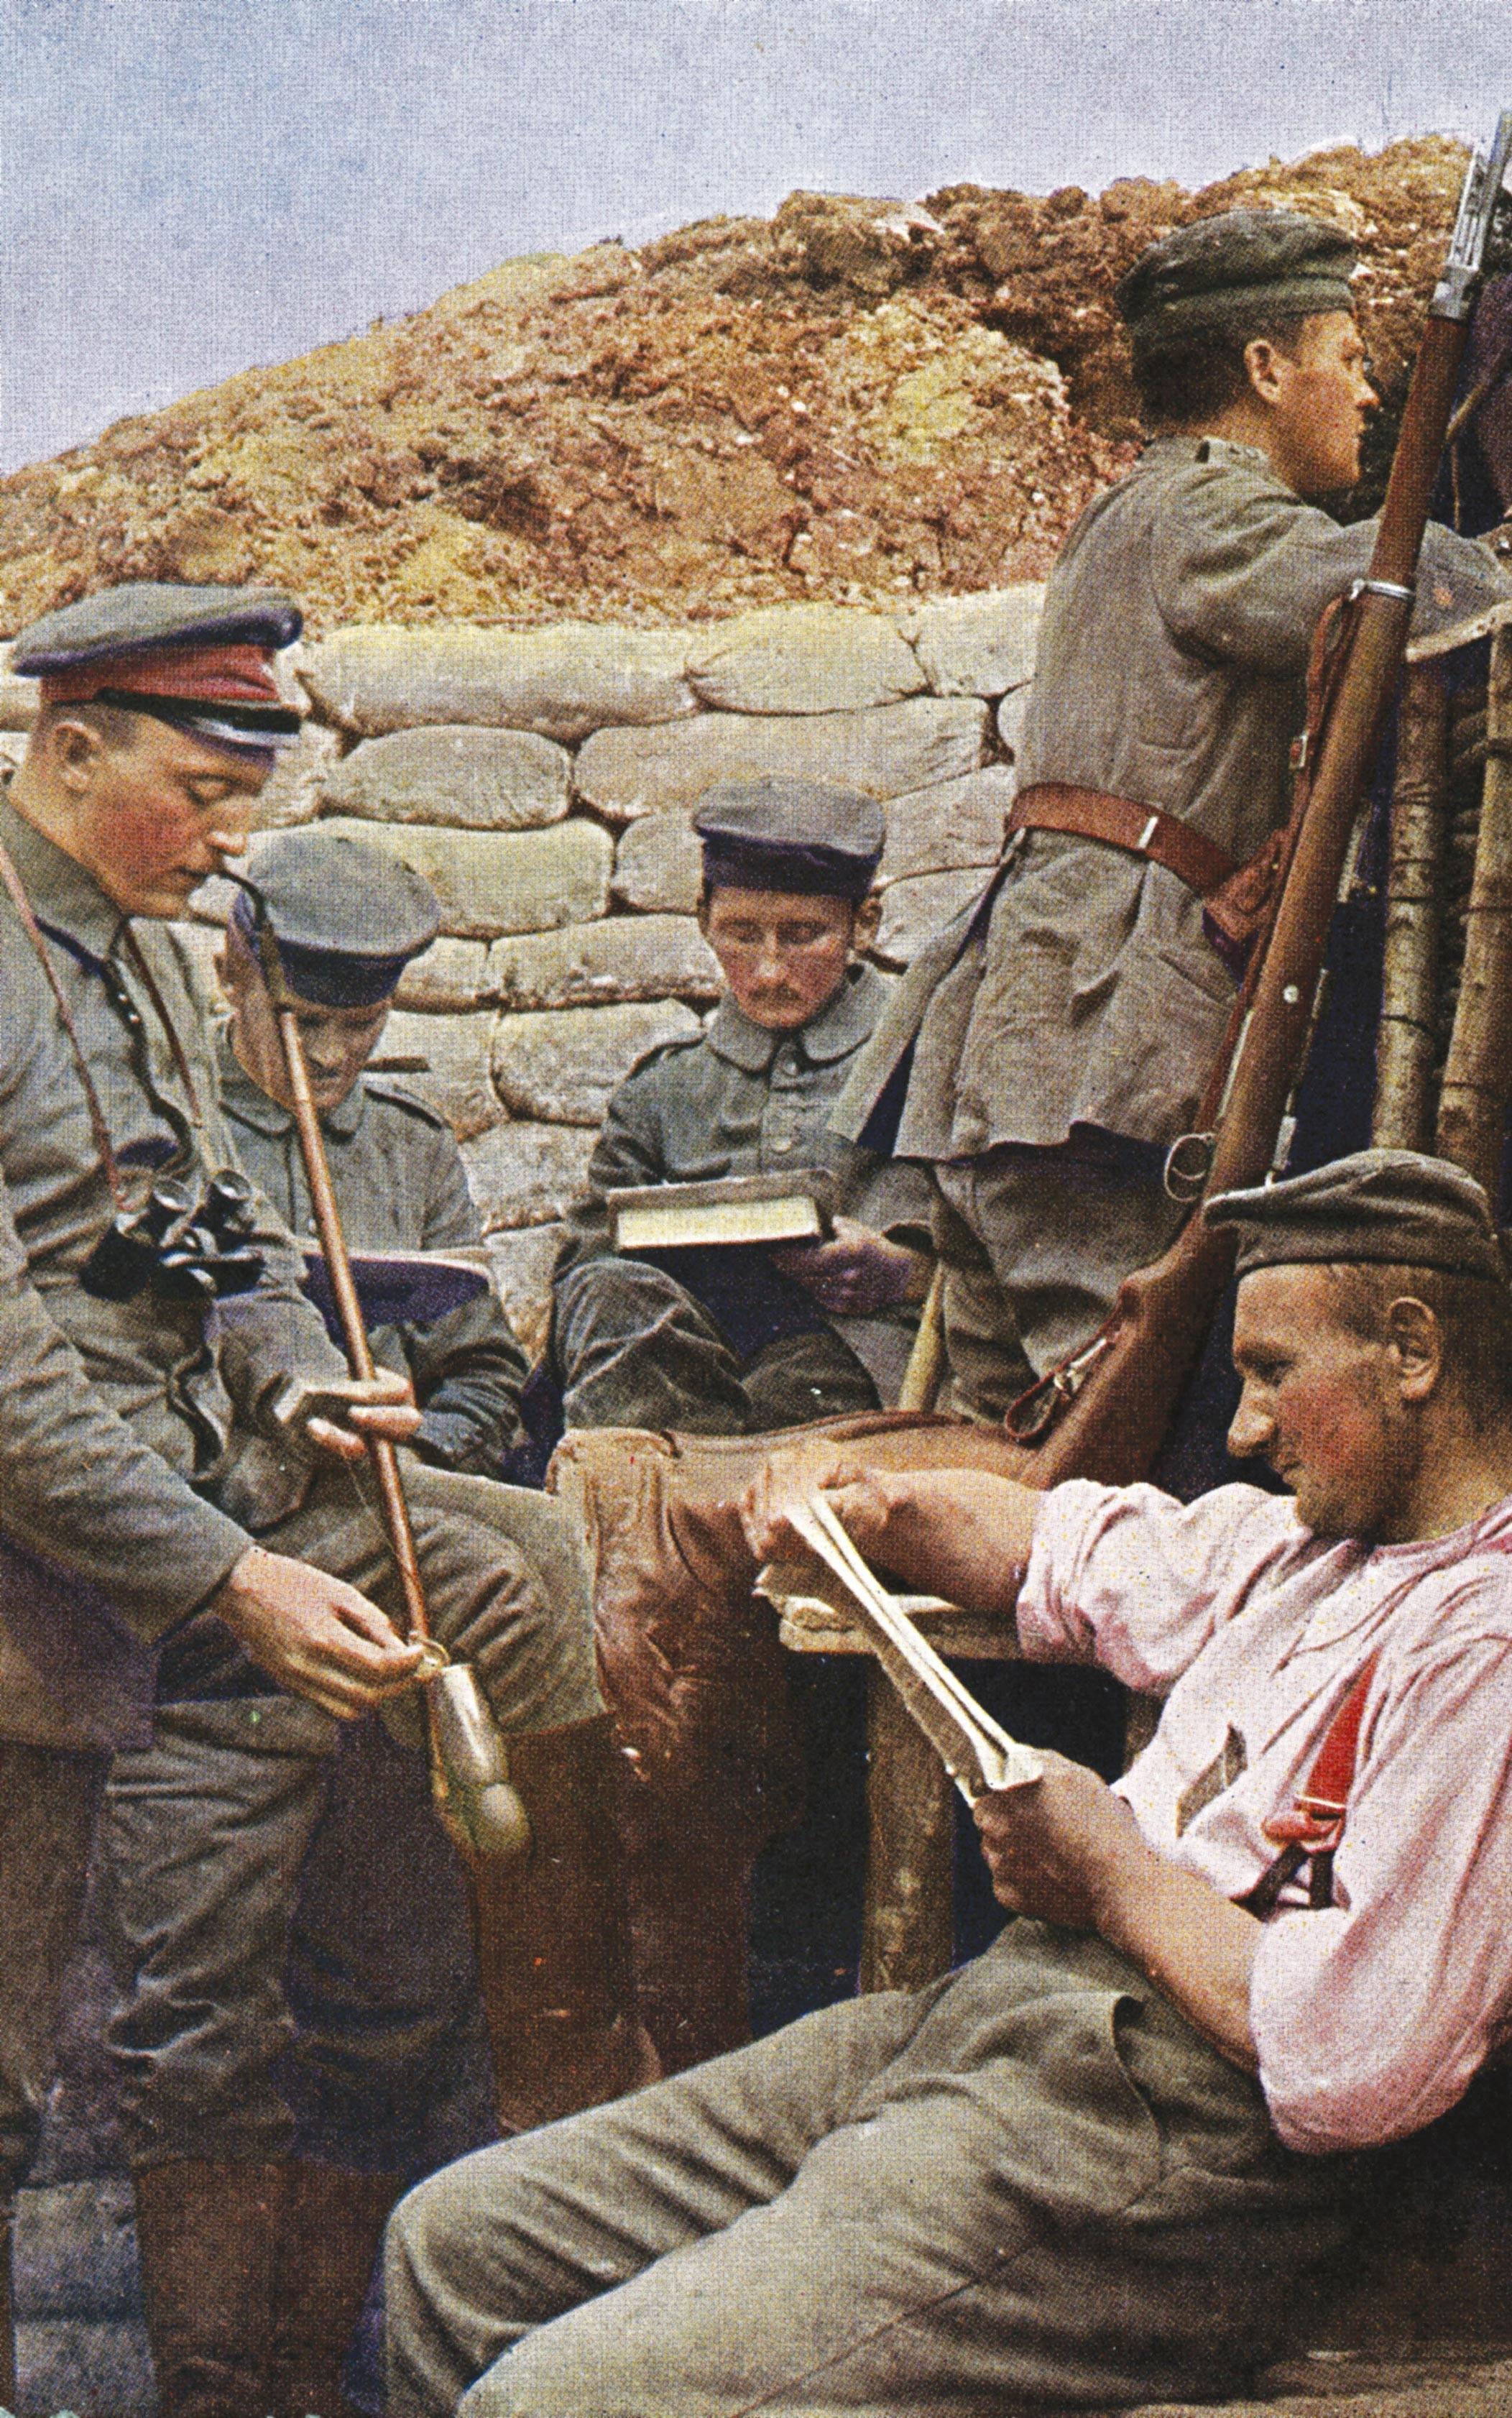 Guerre de position : pause dans une tranchée allemande